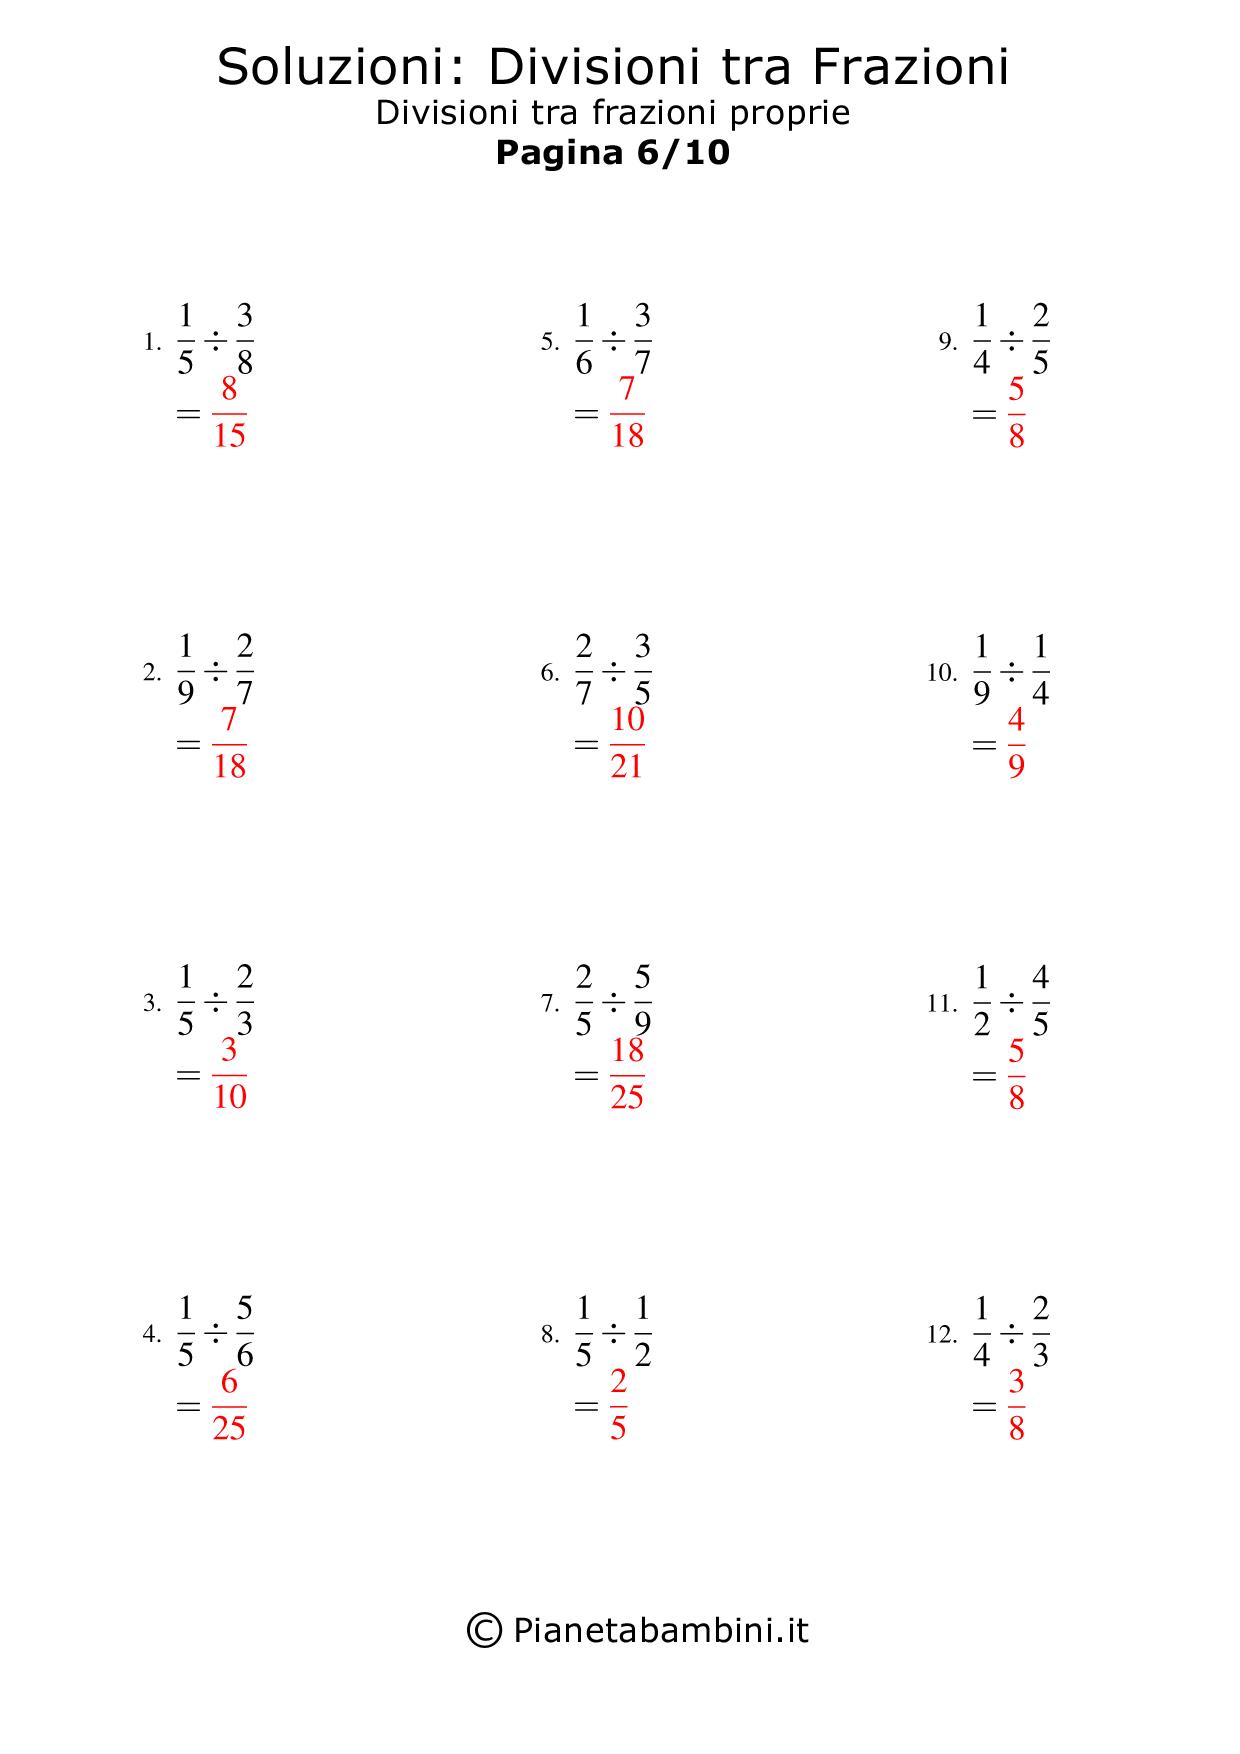 Soluzioni-Divisioni-Frazioni-Proprie_06